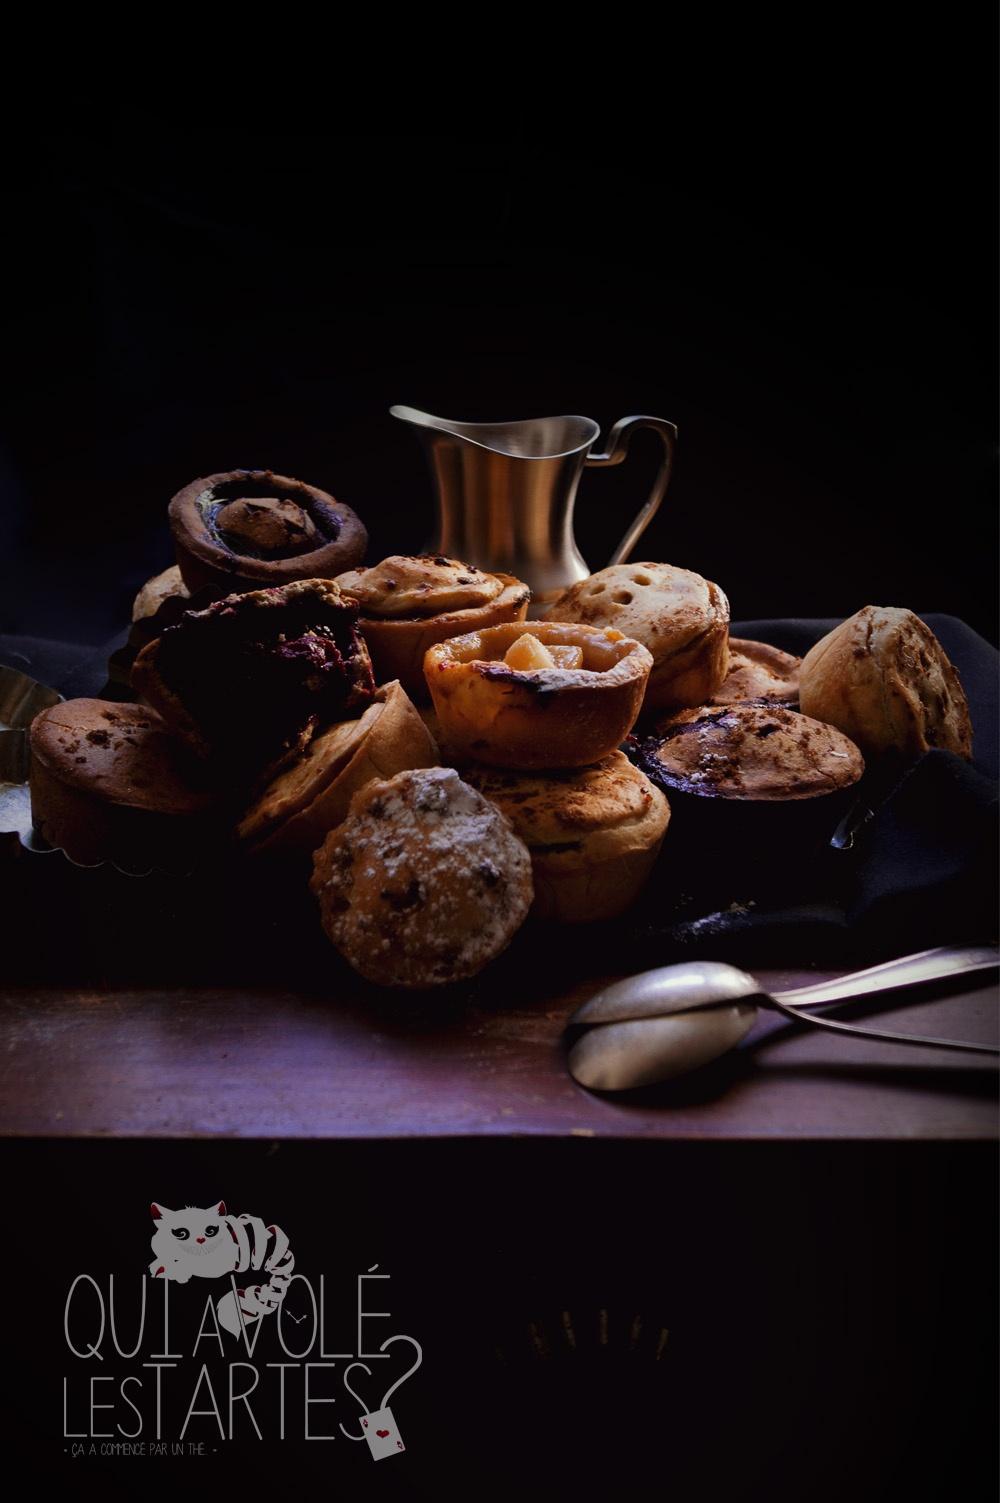 Tourtes à l'ancienne sans gluten 2 - Studio de création - Qui a volé les tartes- Copyright